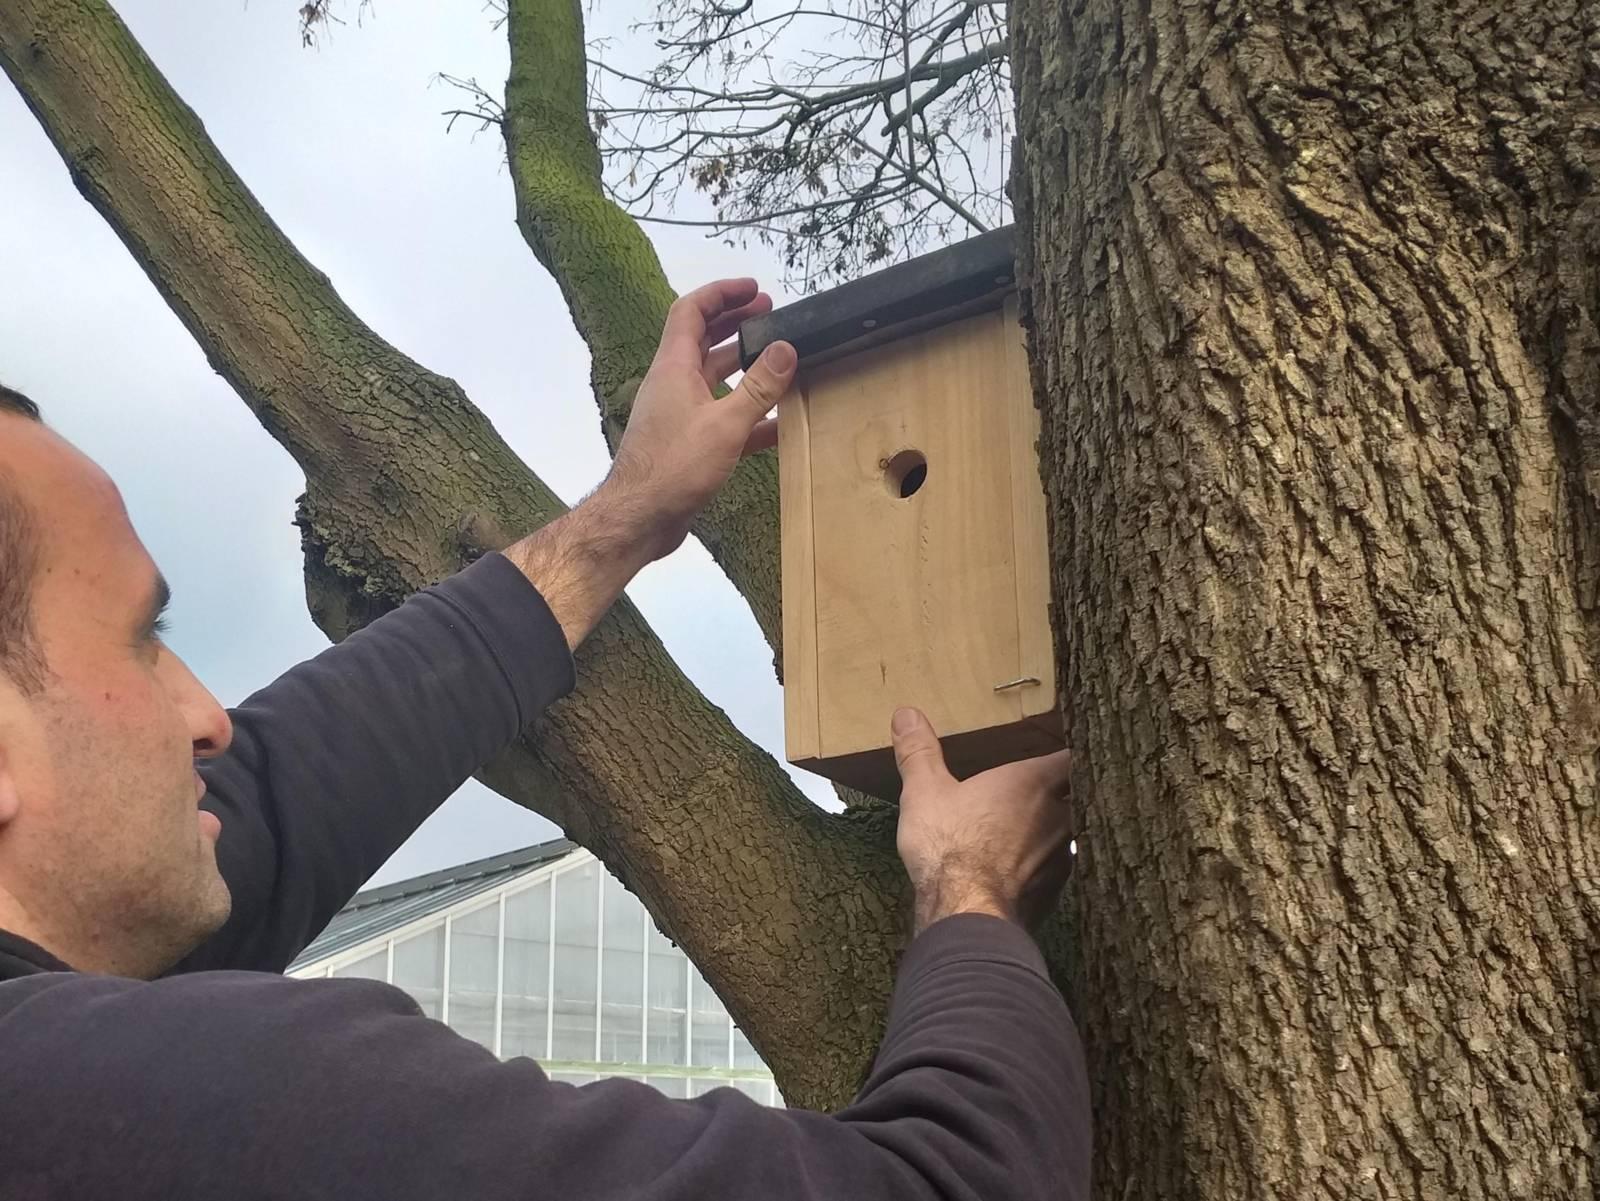 Mann, der ein Vogelhaus im Baum platziert.